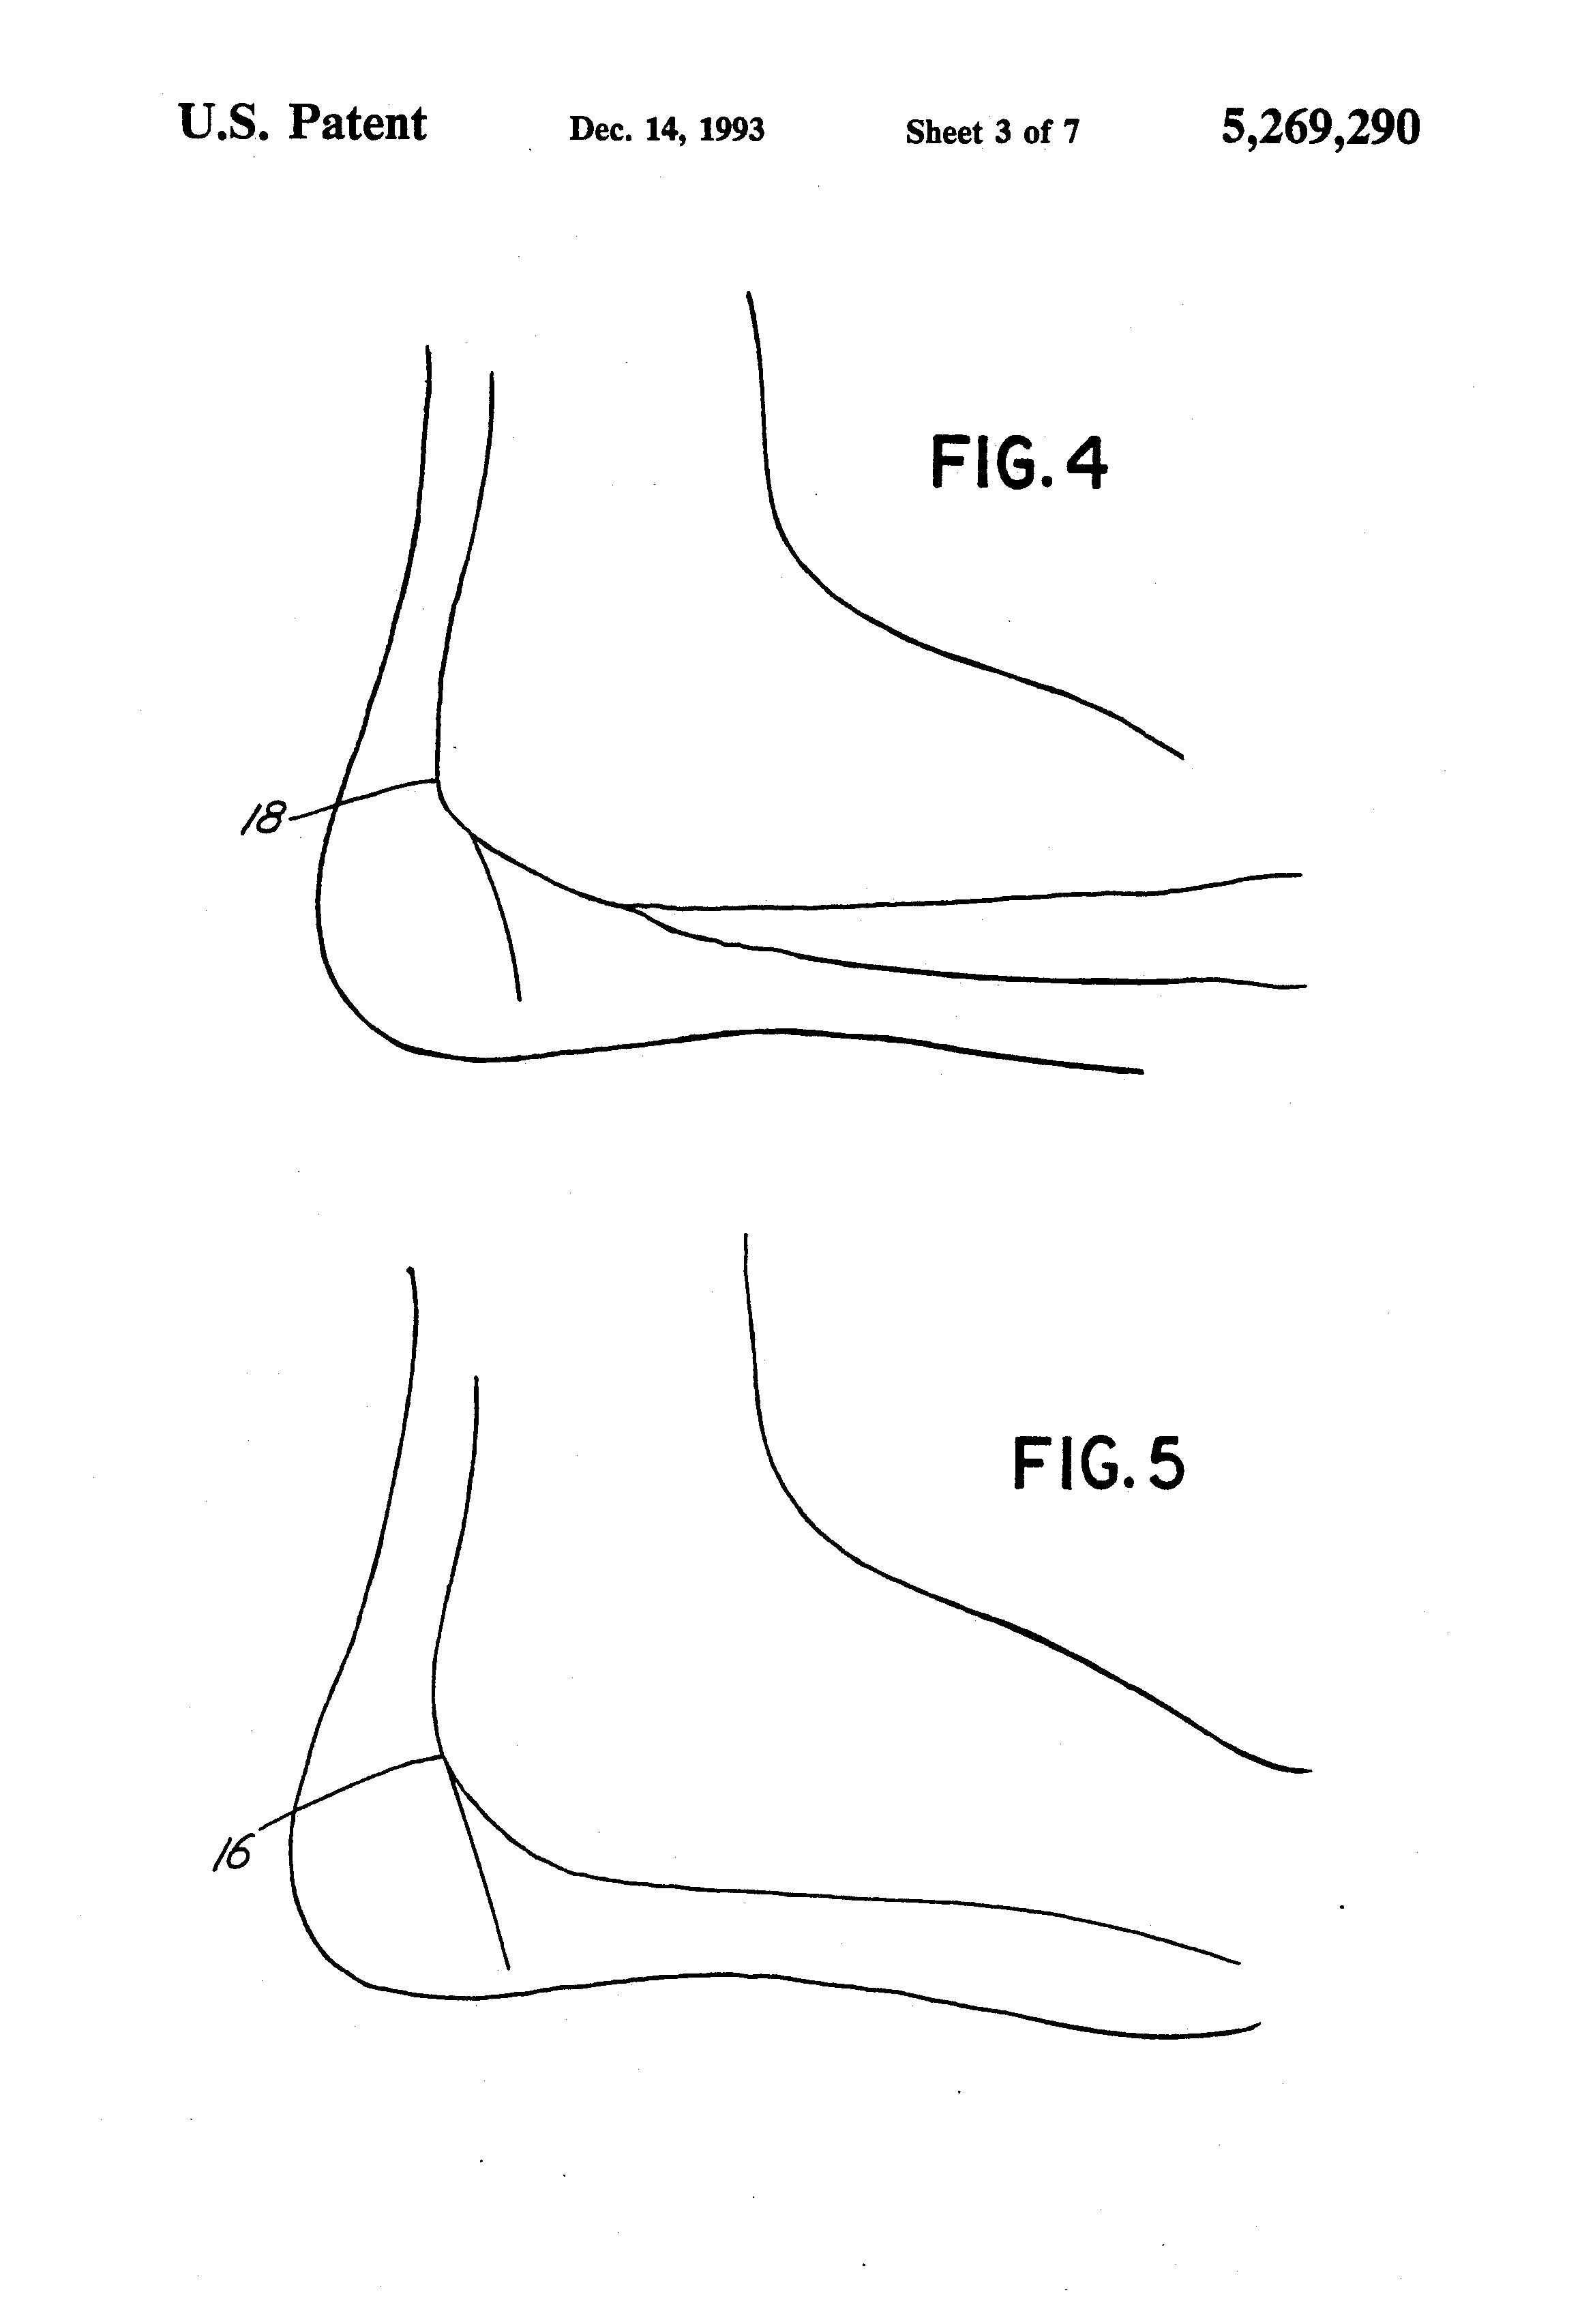 Morton neuroma